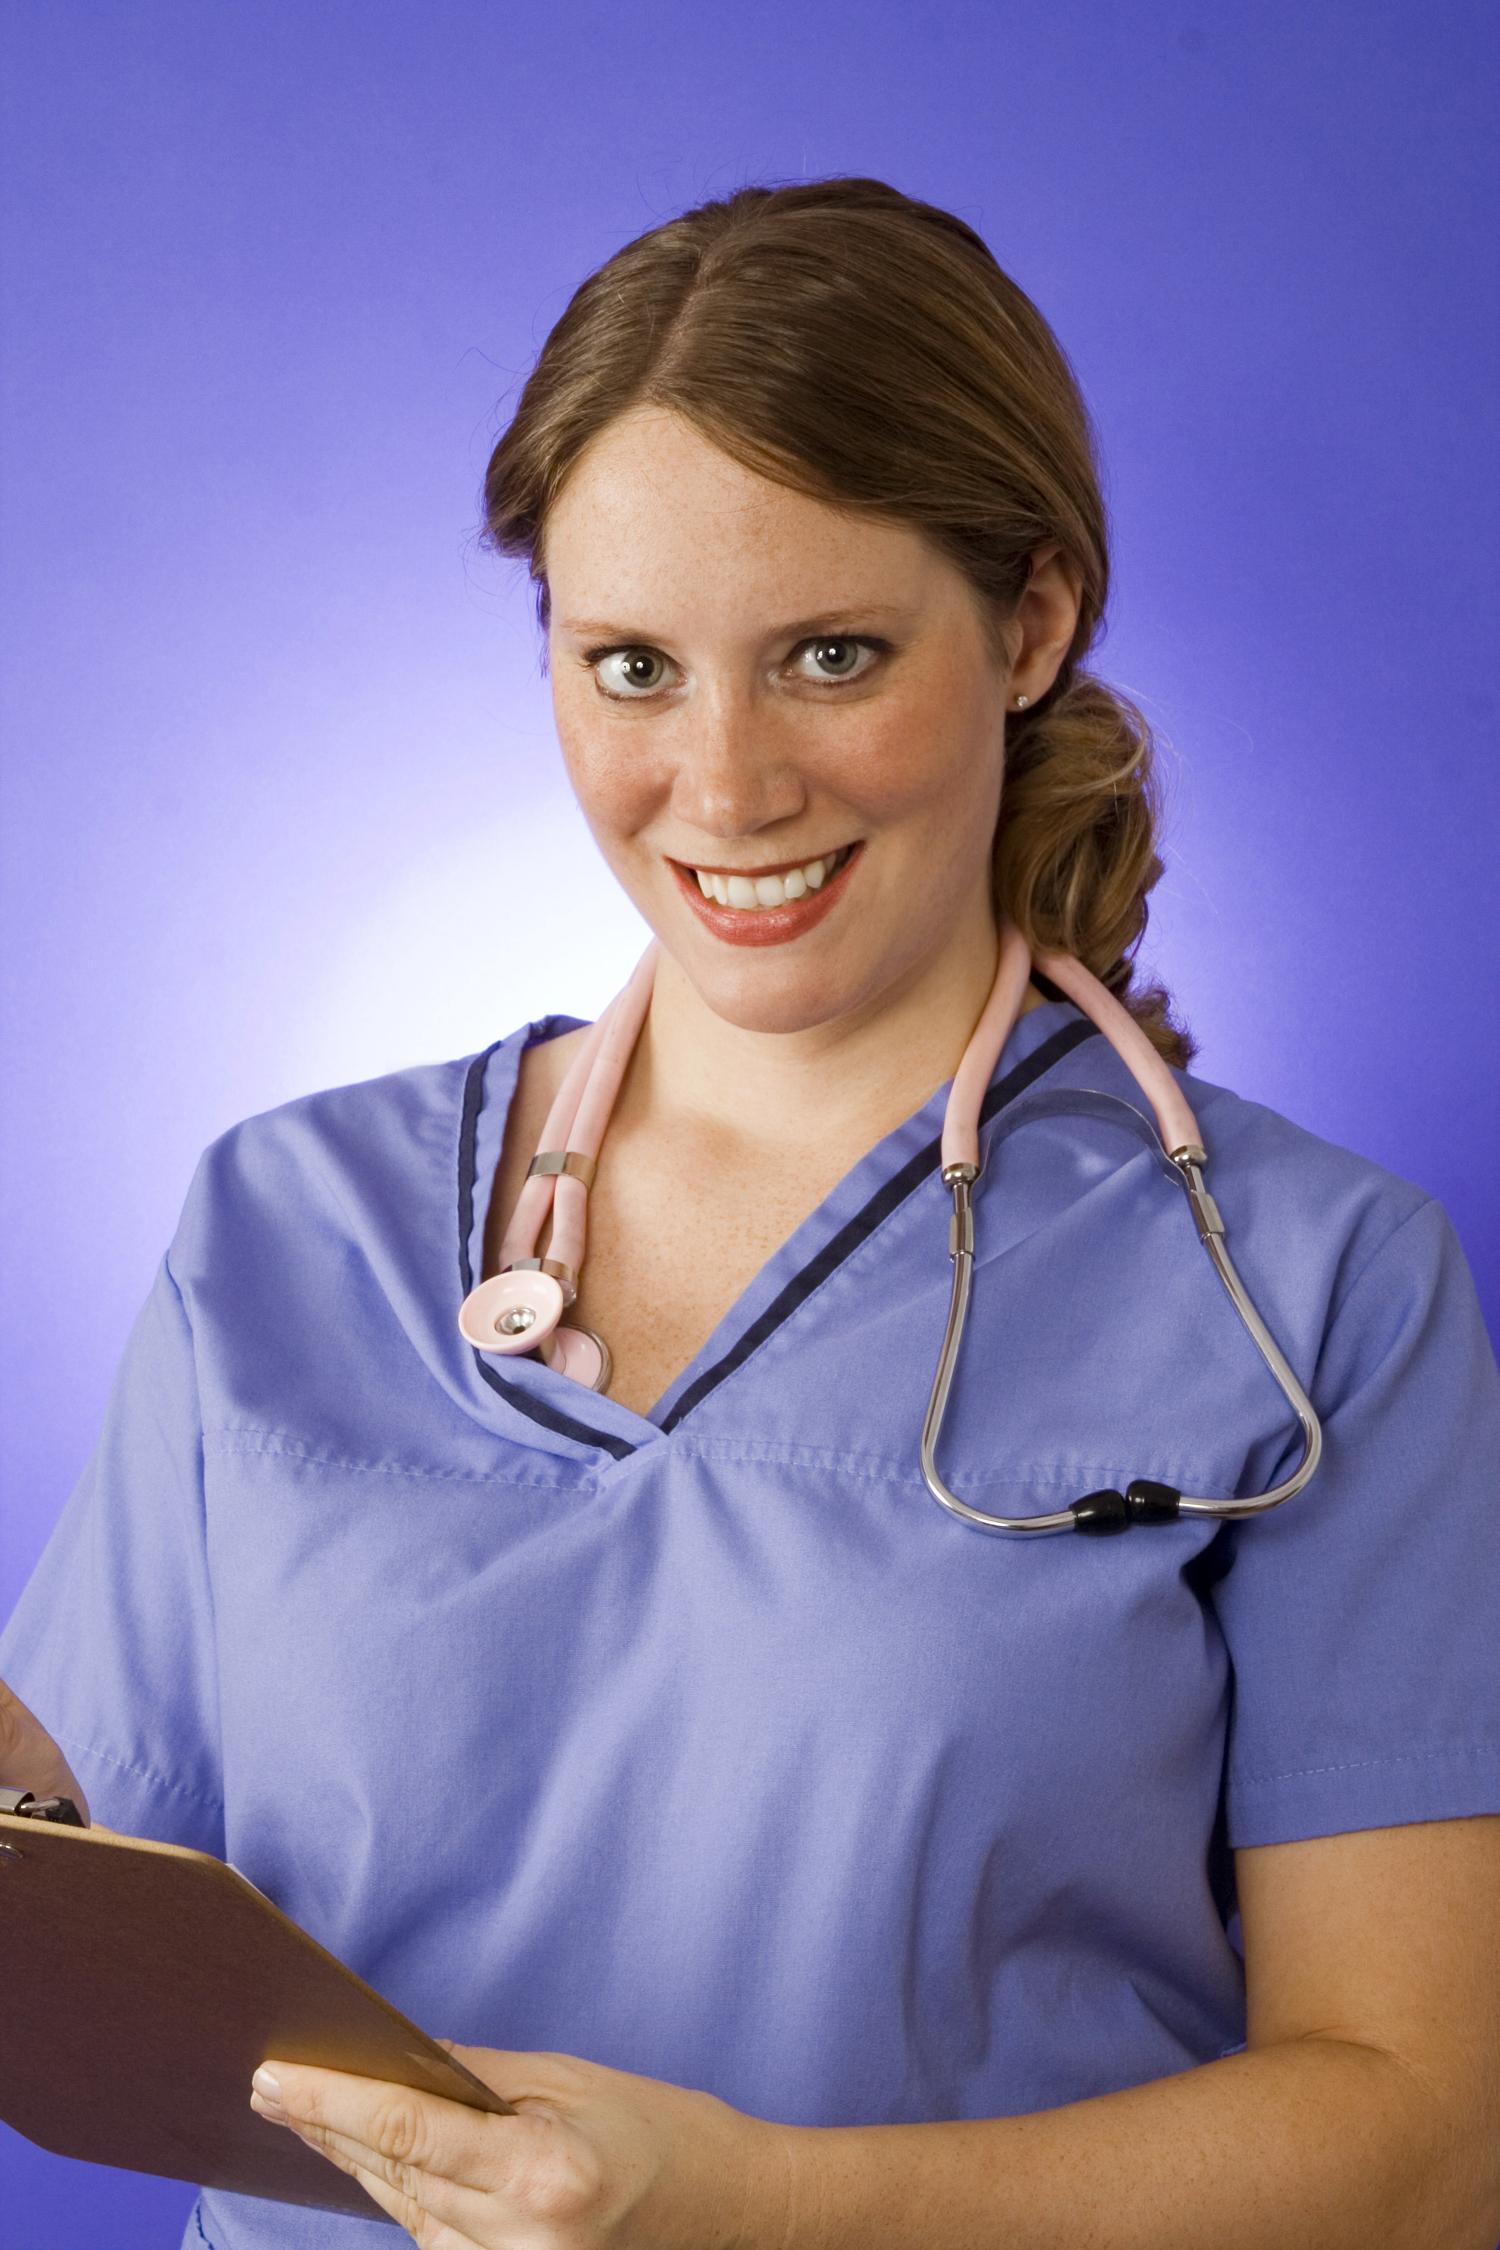 больничный по беременности и родам: